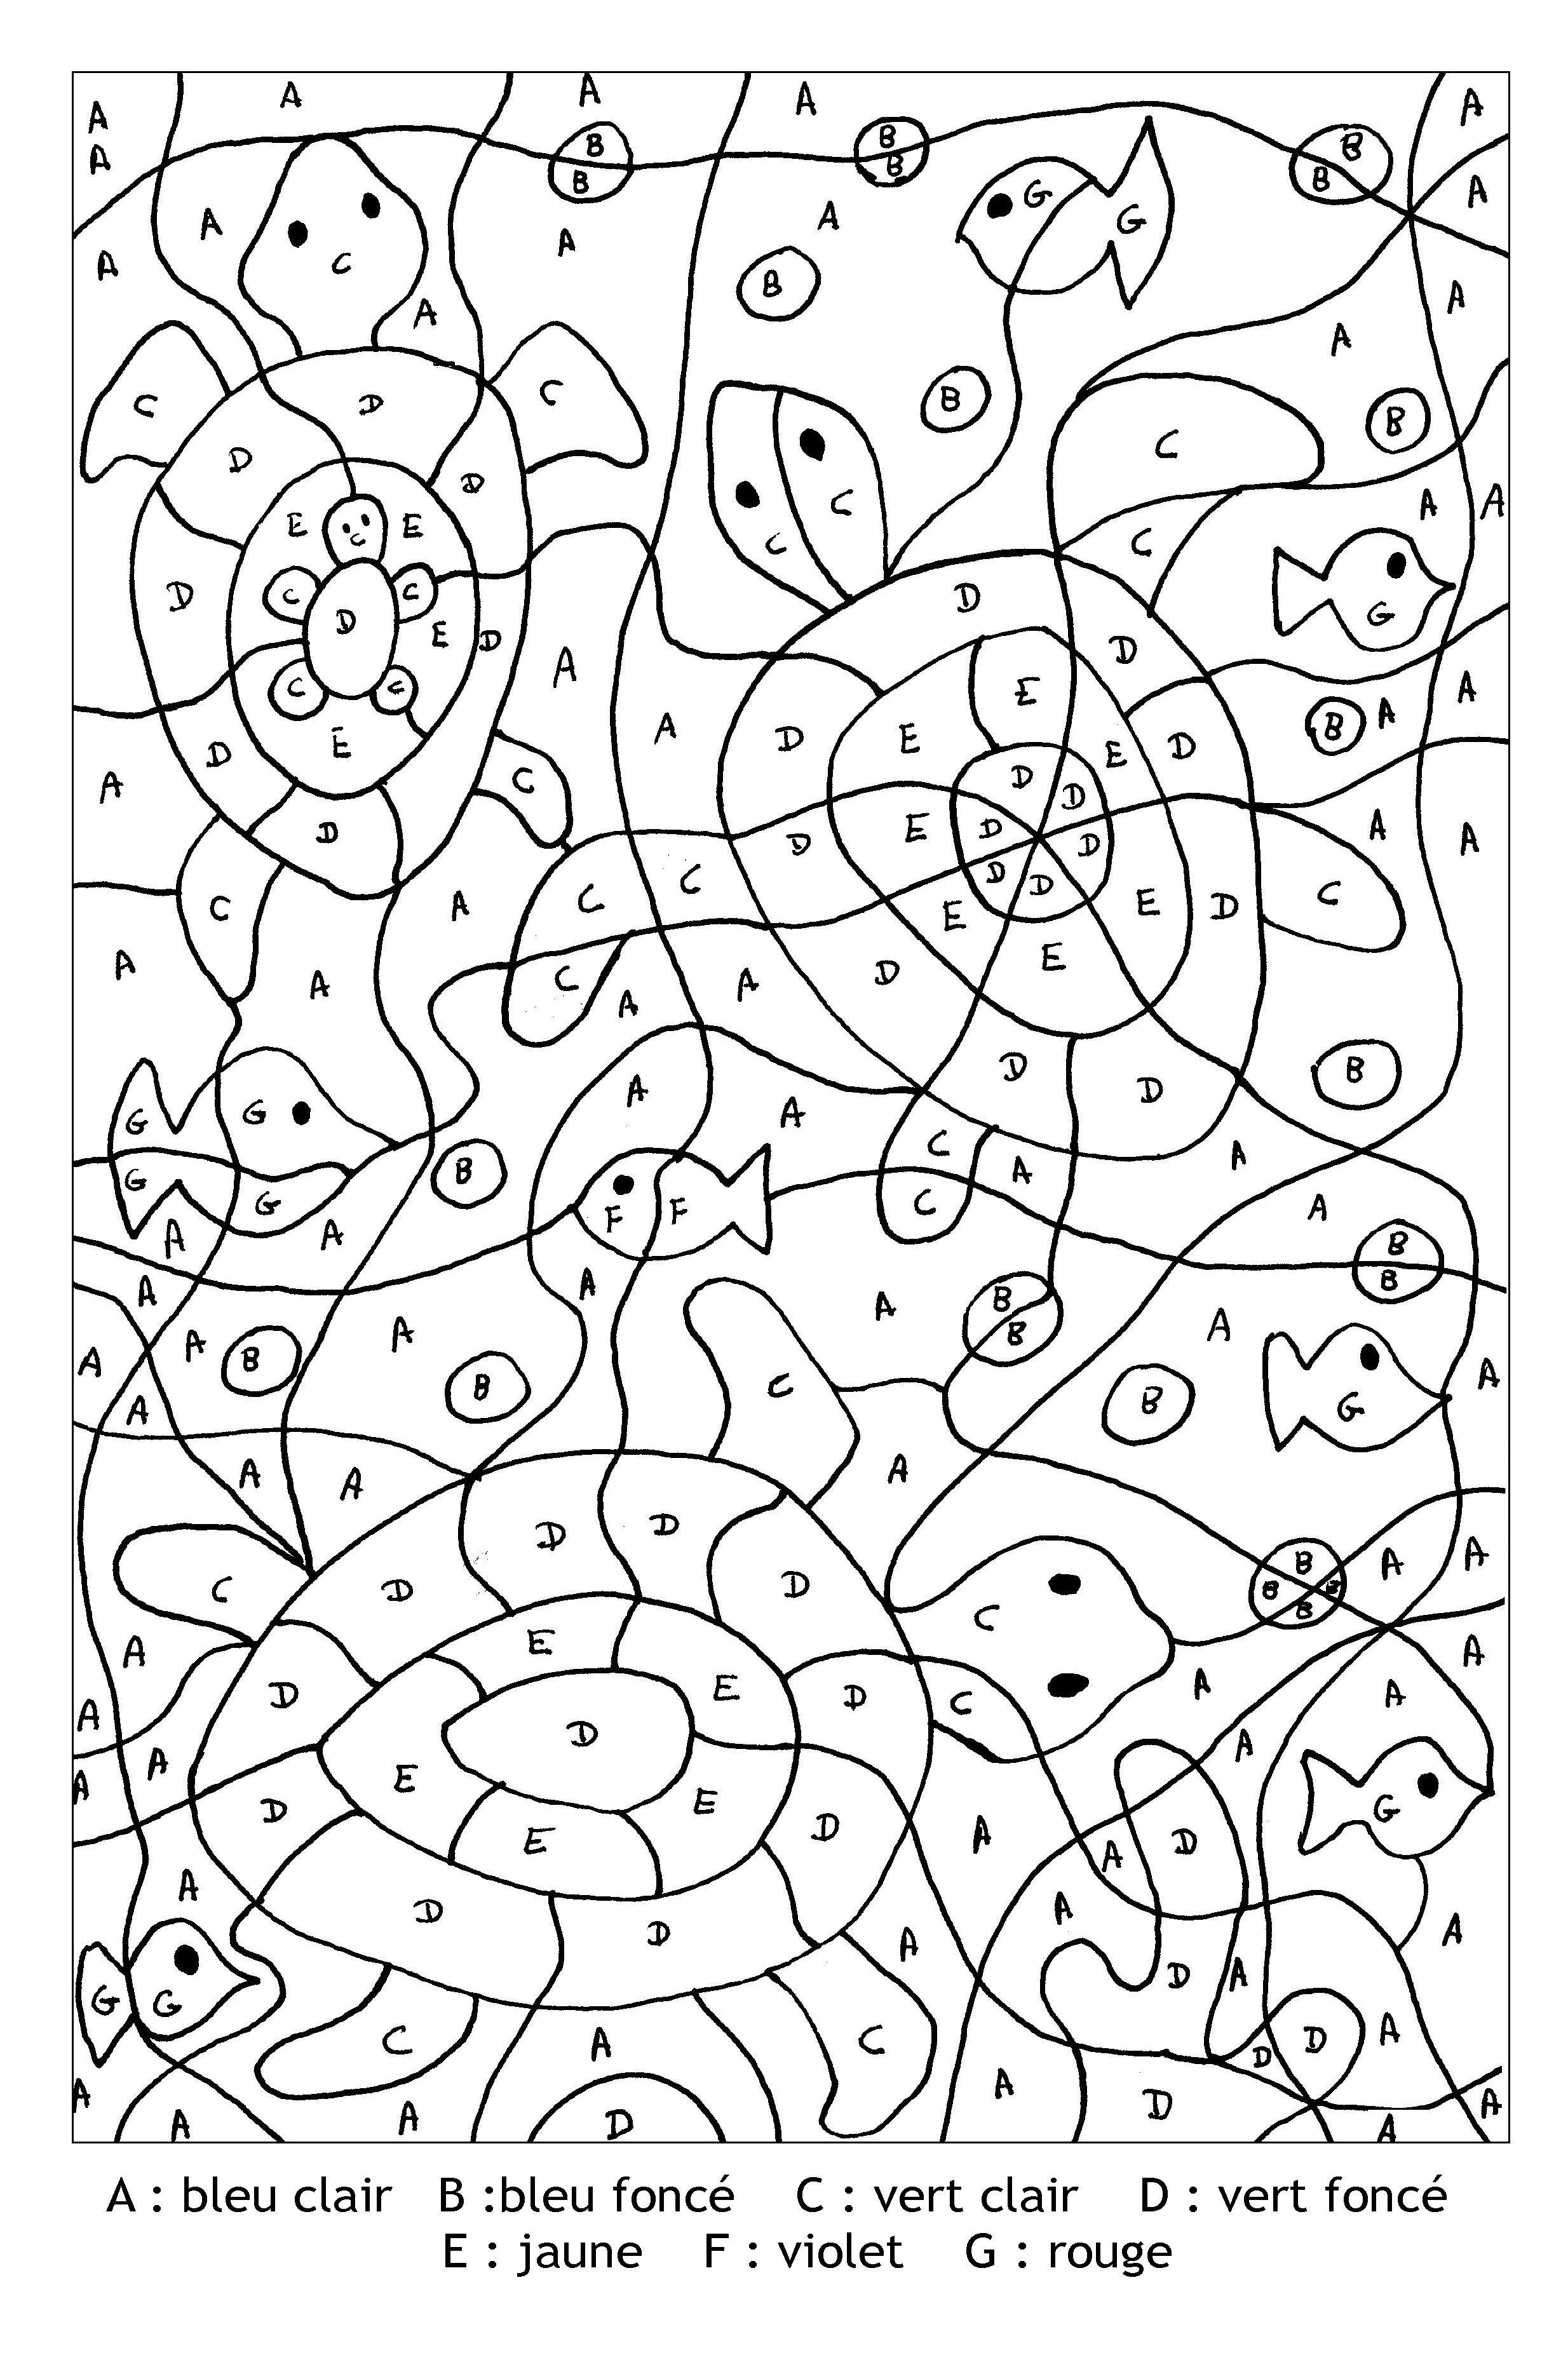 coloriage magique lettres tortues coloriage magique pinterest coloriage magique magique. Black Bedroom Furniture Sets. Home Design Ideas